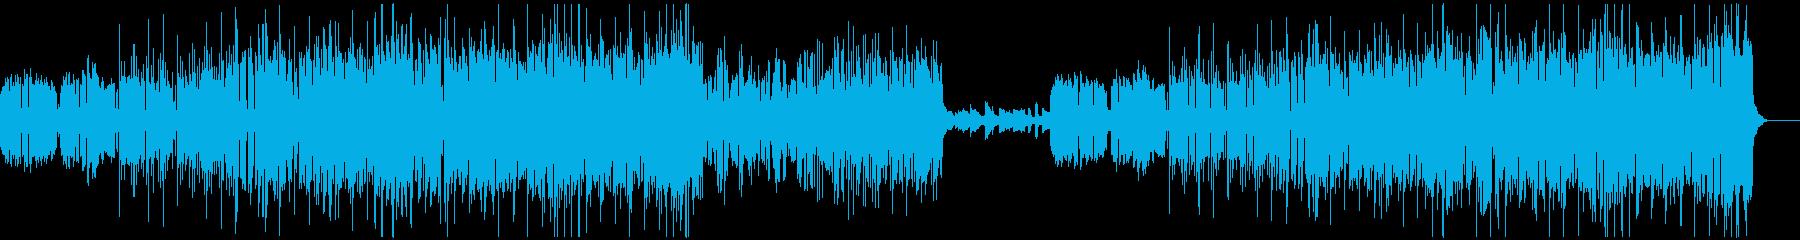 陽気な音楽家の集いの再生済みの波形